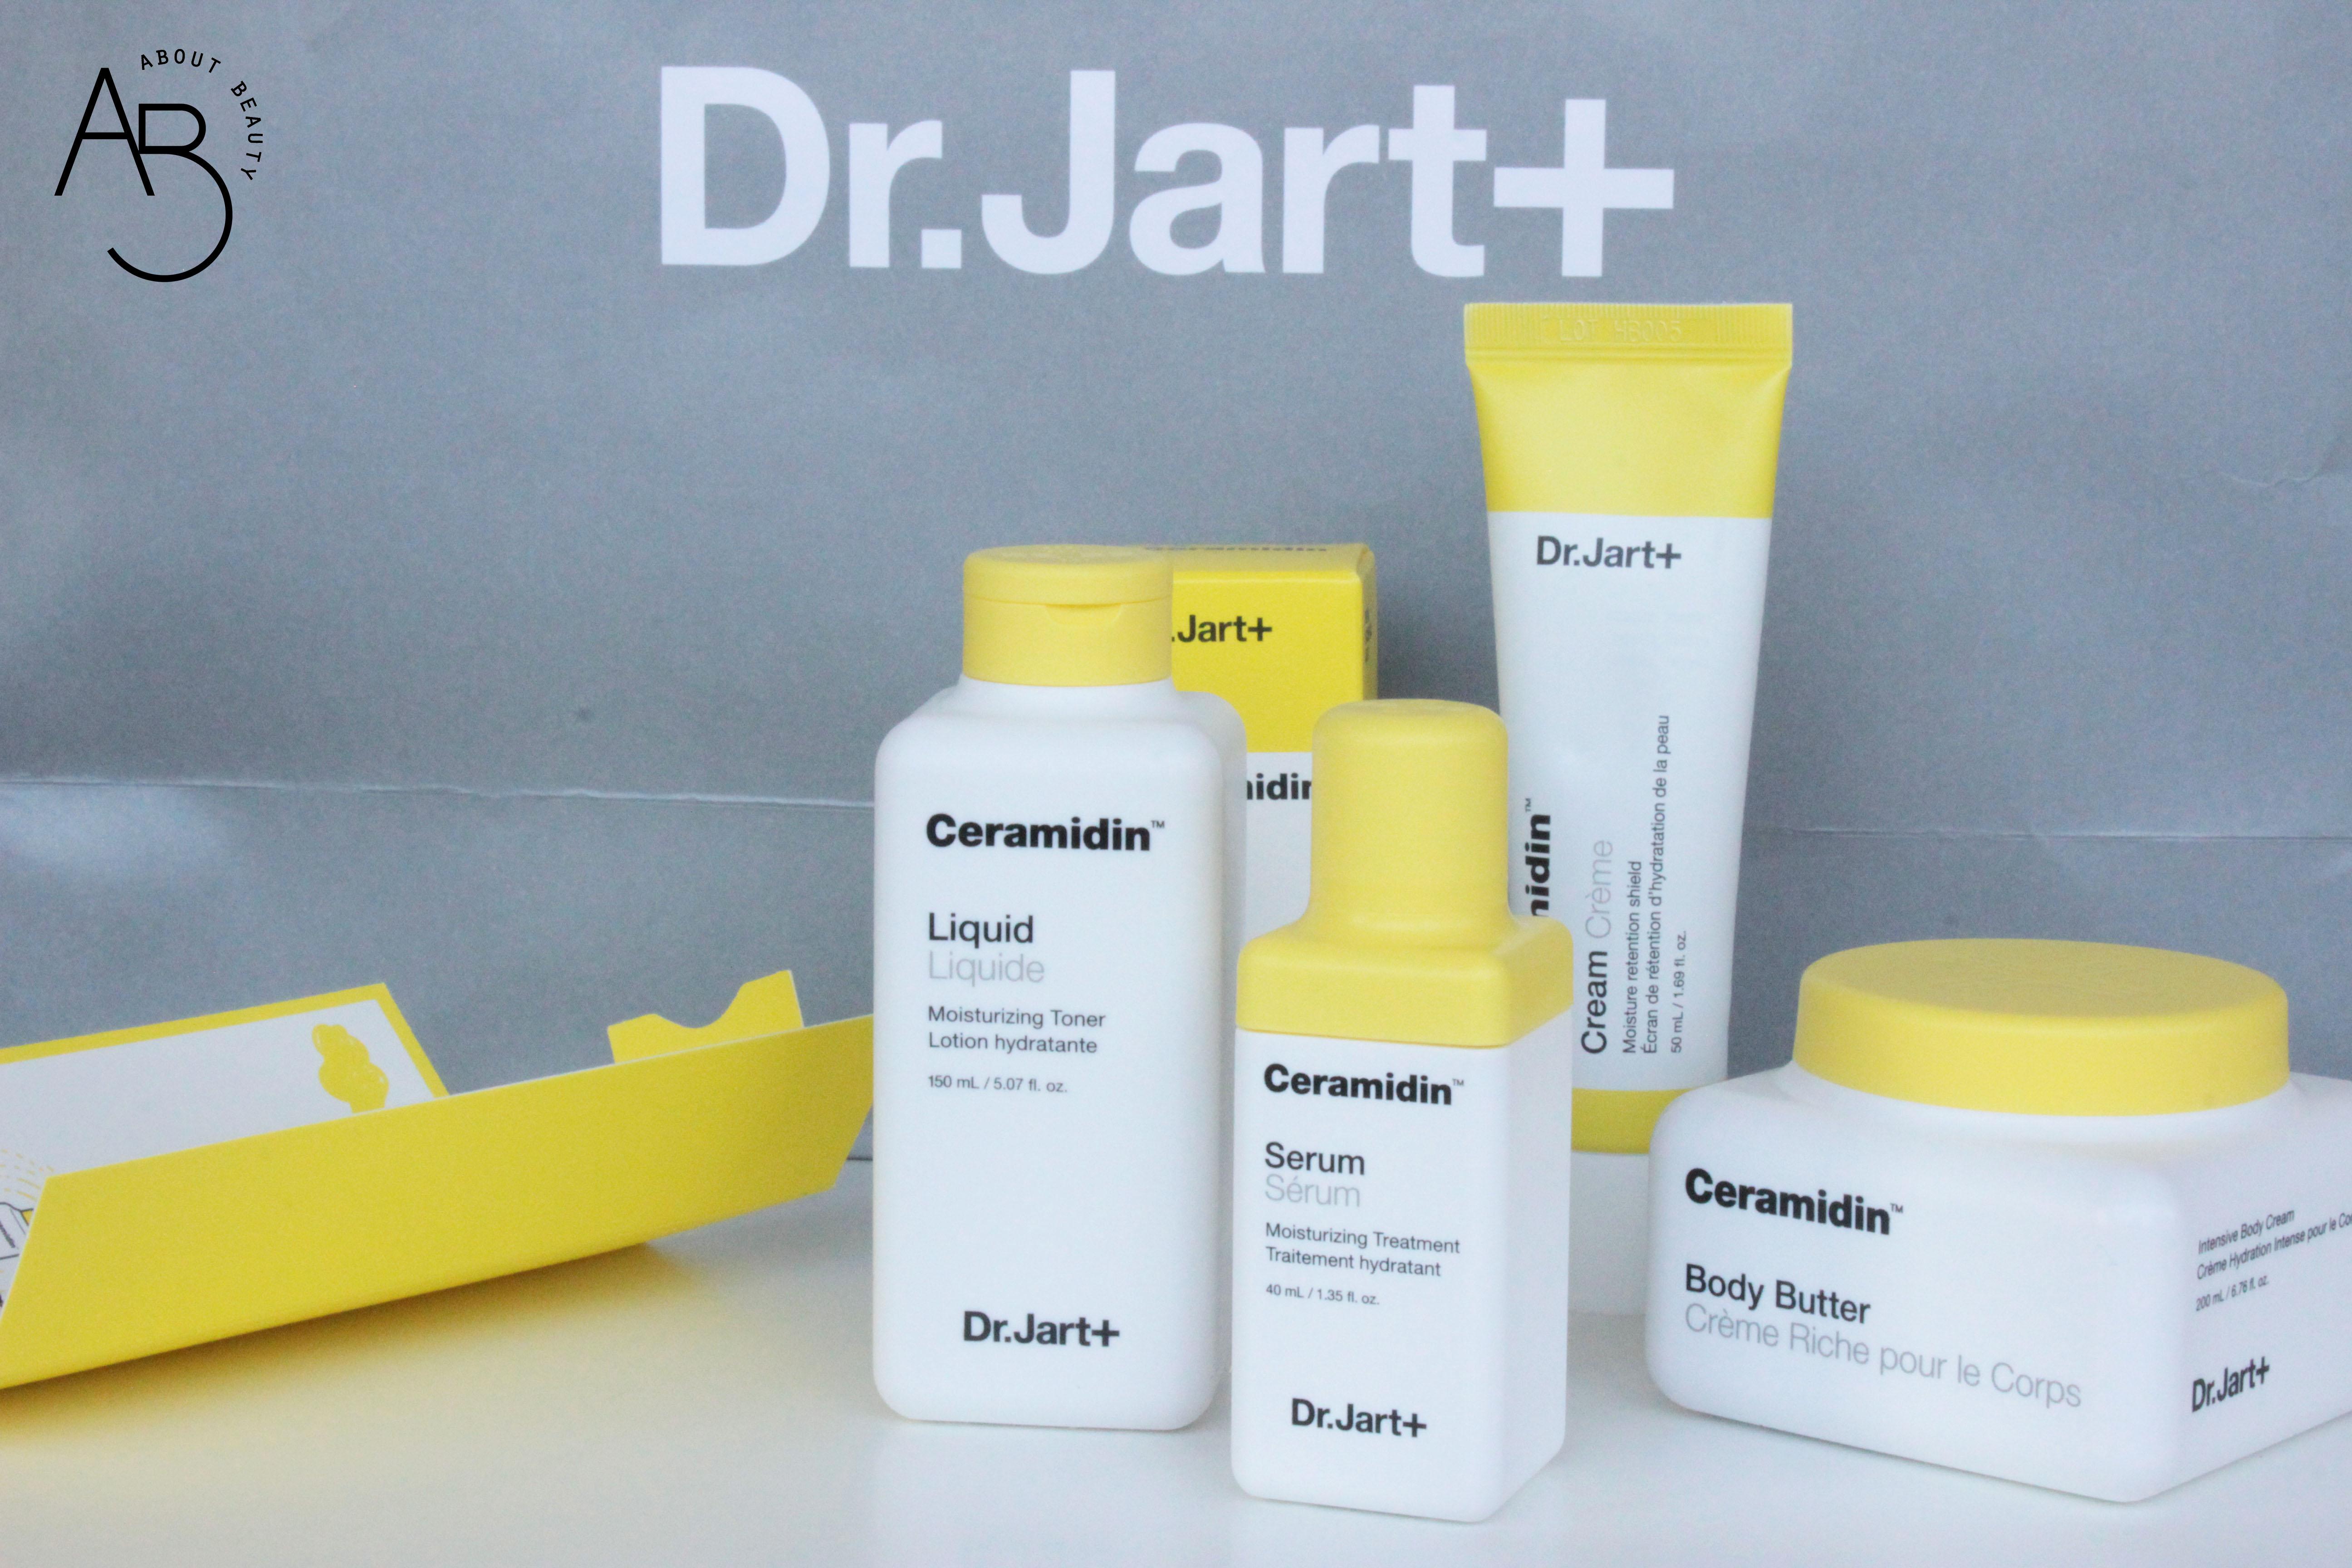 Dr.Jart Ceramidin pelle secca e disidratata - Info, opinioni, prezzo, dove acquistare, review, recensione - Cover horizontal logo